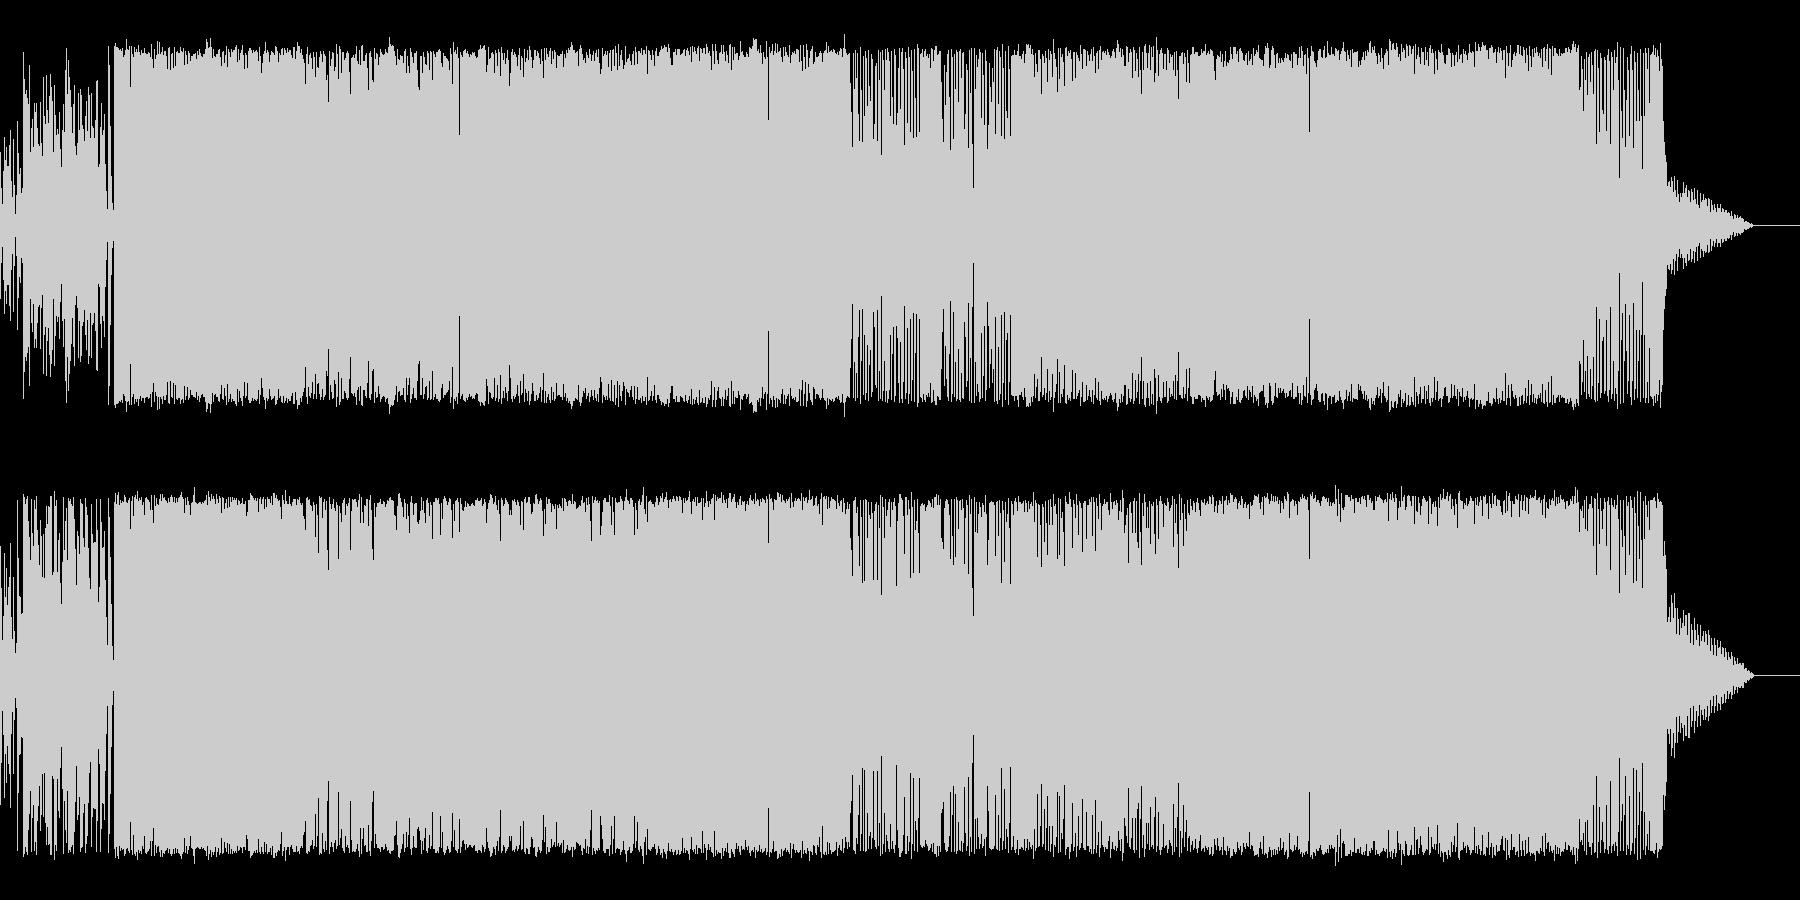 情熱的で切ないカッコイイ曲の未再生の波形